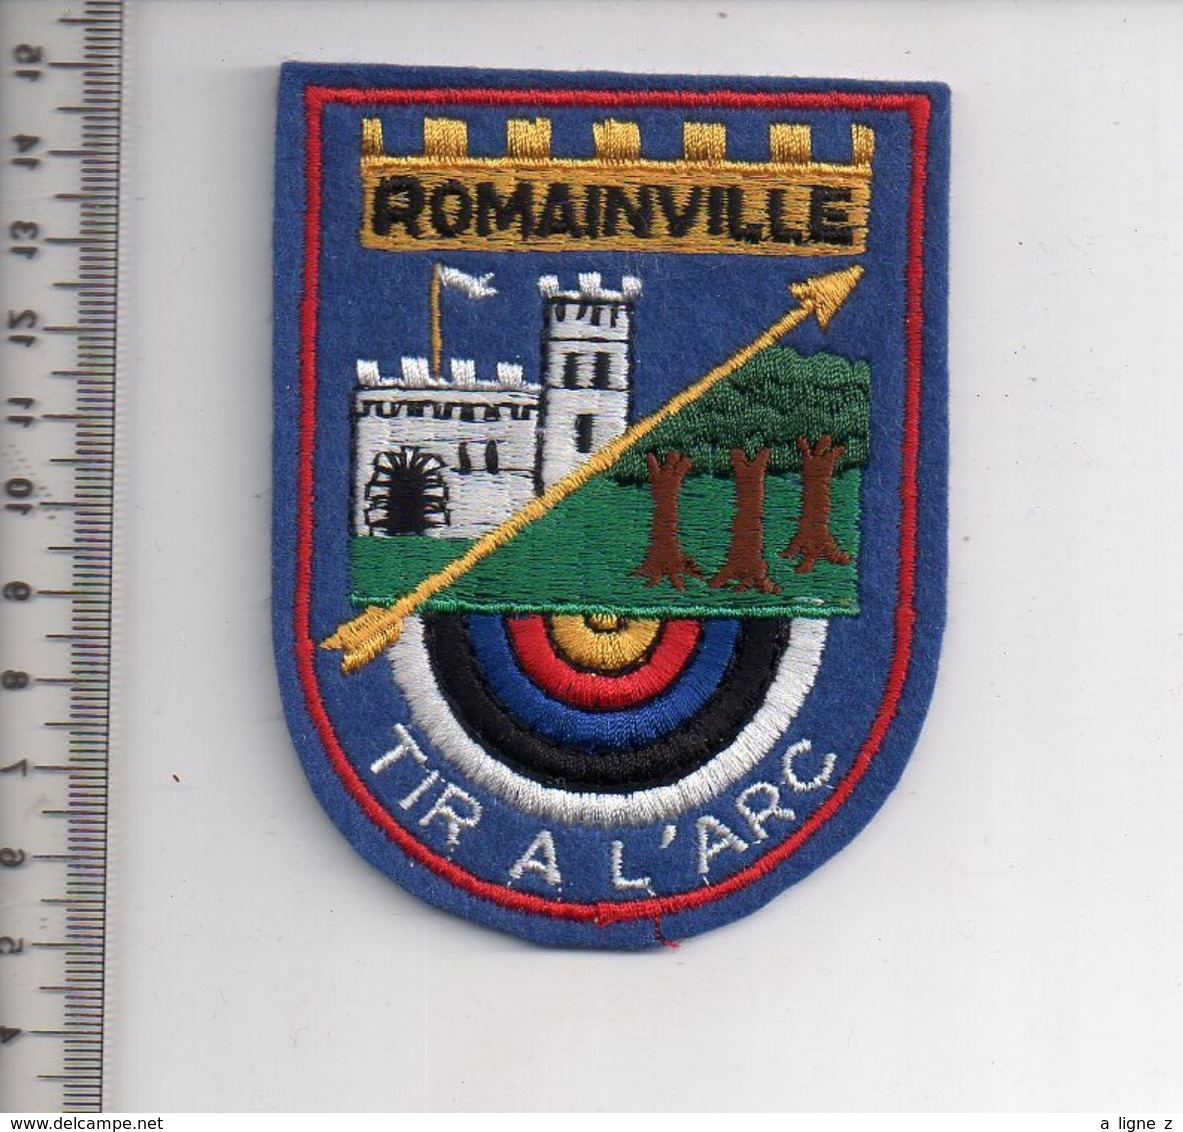 REF 10 : Écusson Patch Thème TIR A L'ARC Archerie Archer Arc Club ROMAINVILLE - Tiro Con L'Arco